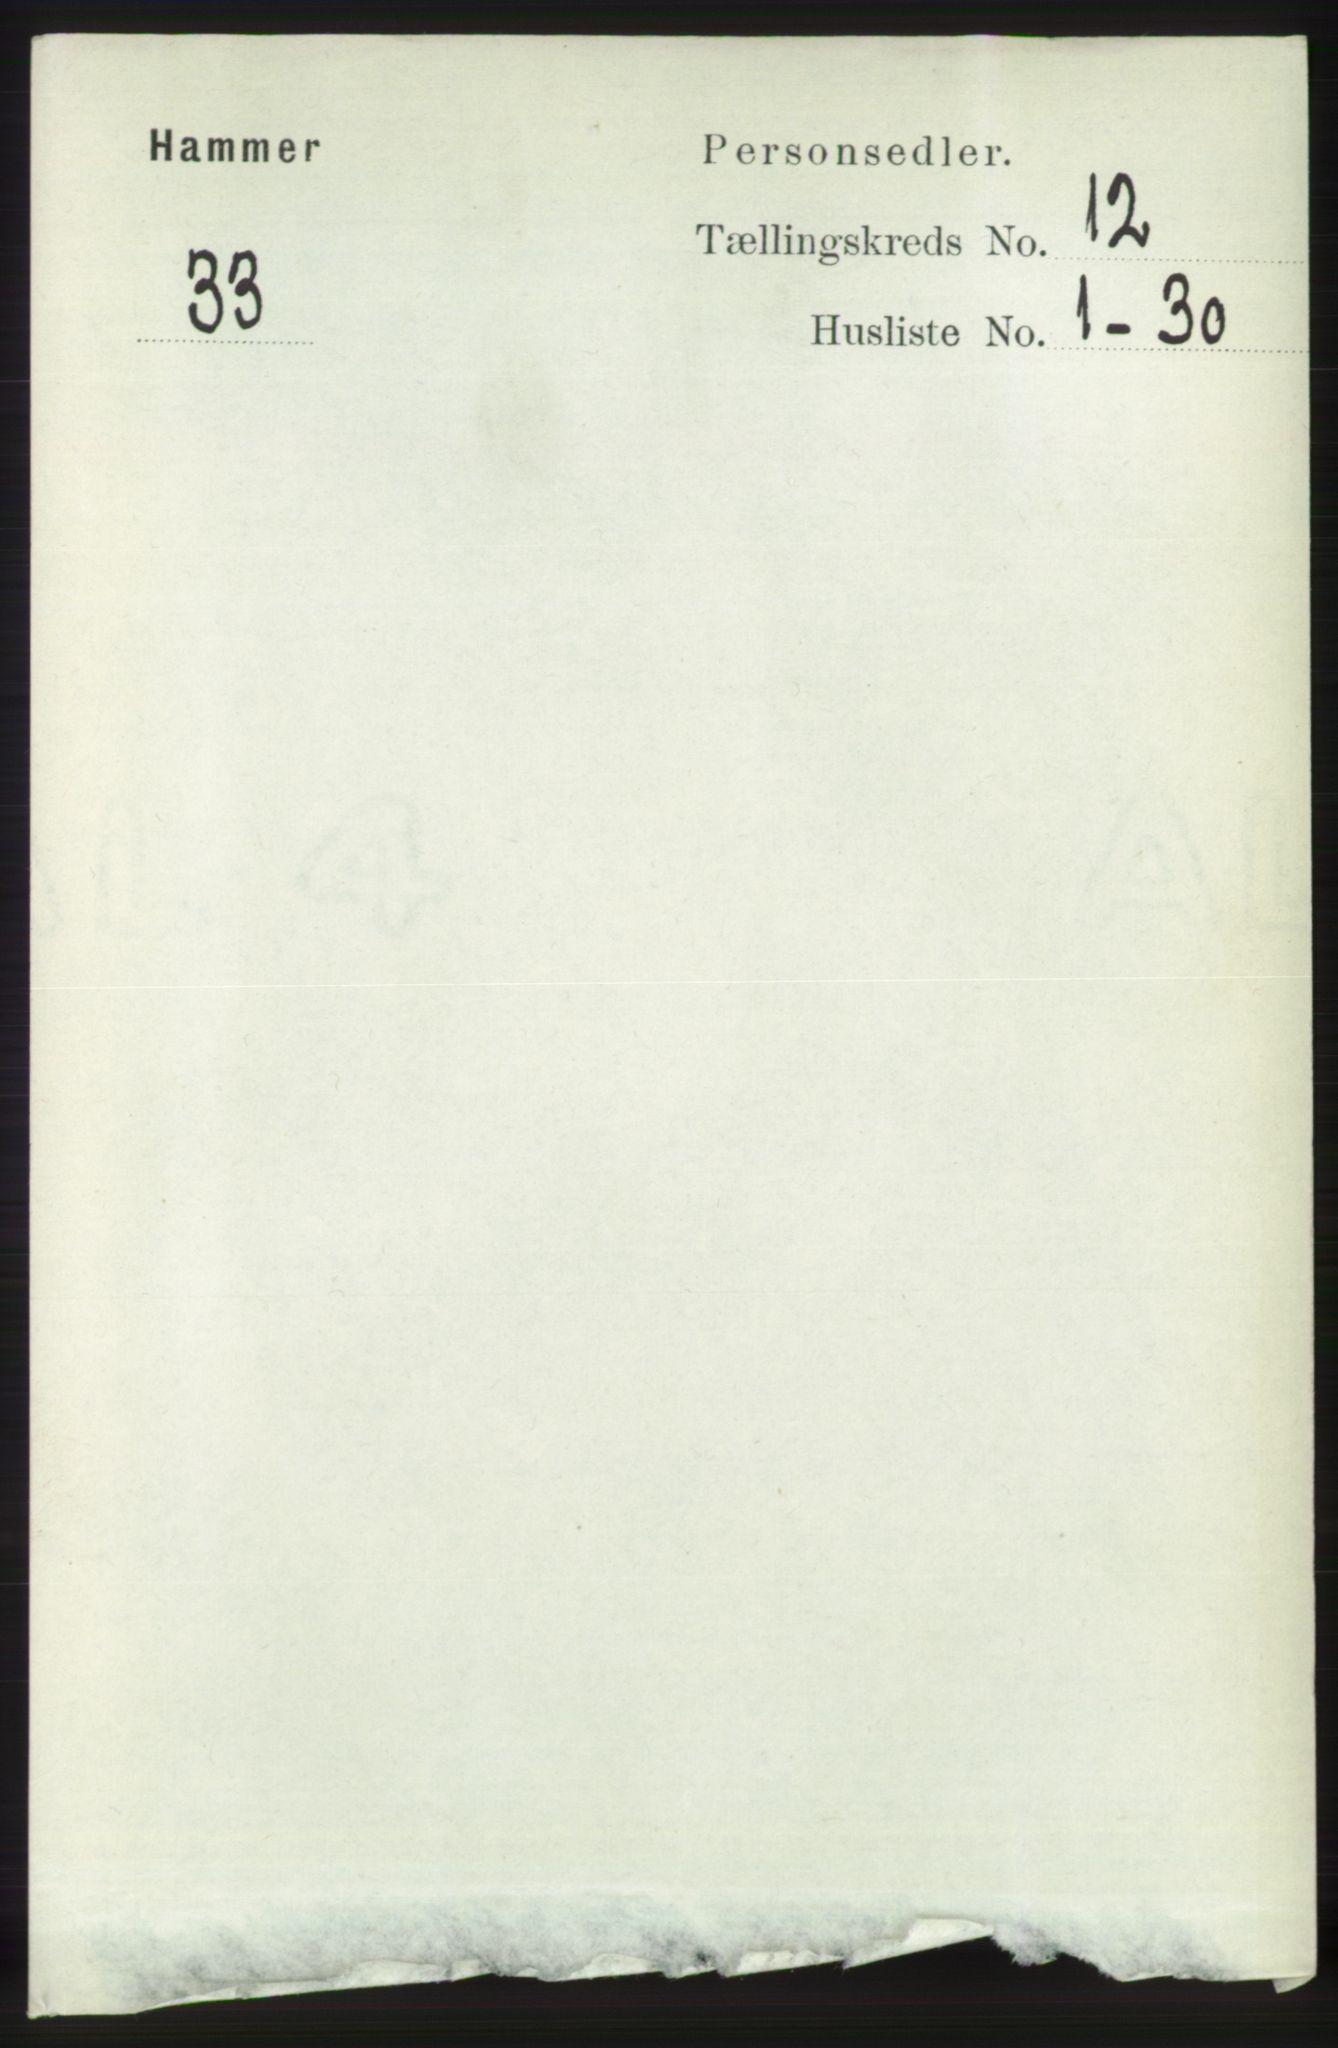 RA, Folketelling 1891 for 1254 Hamre herred, 1891, s. 3485